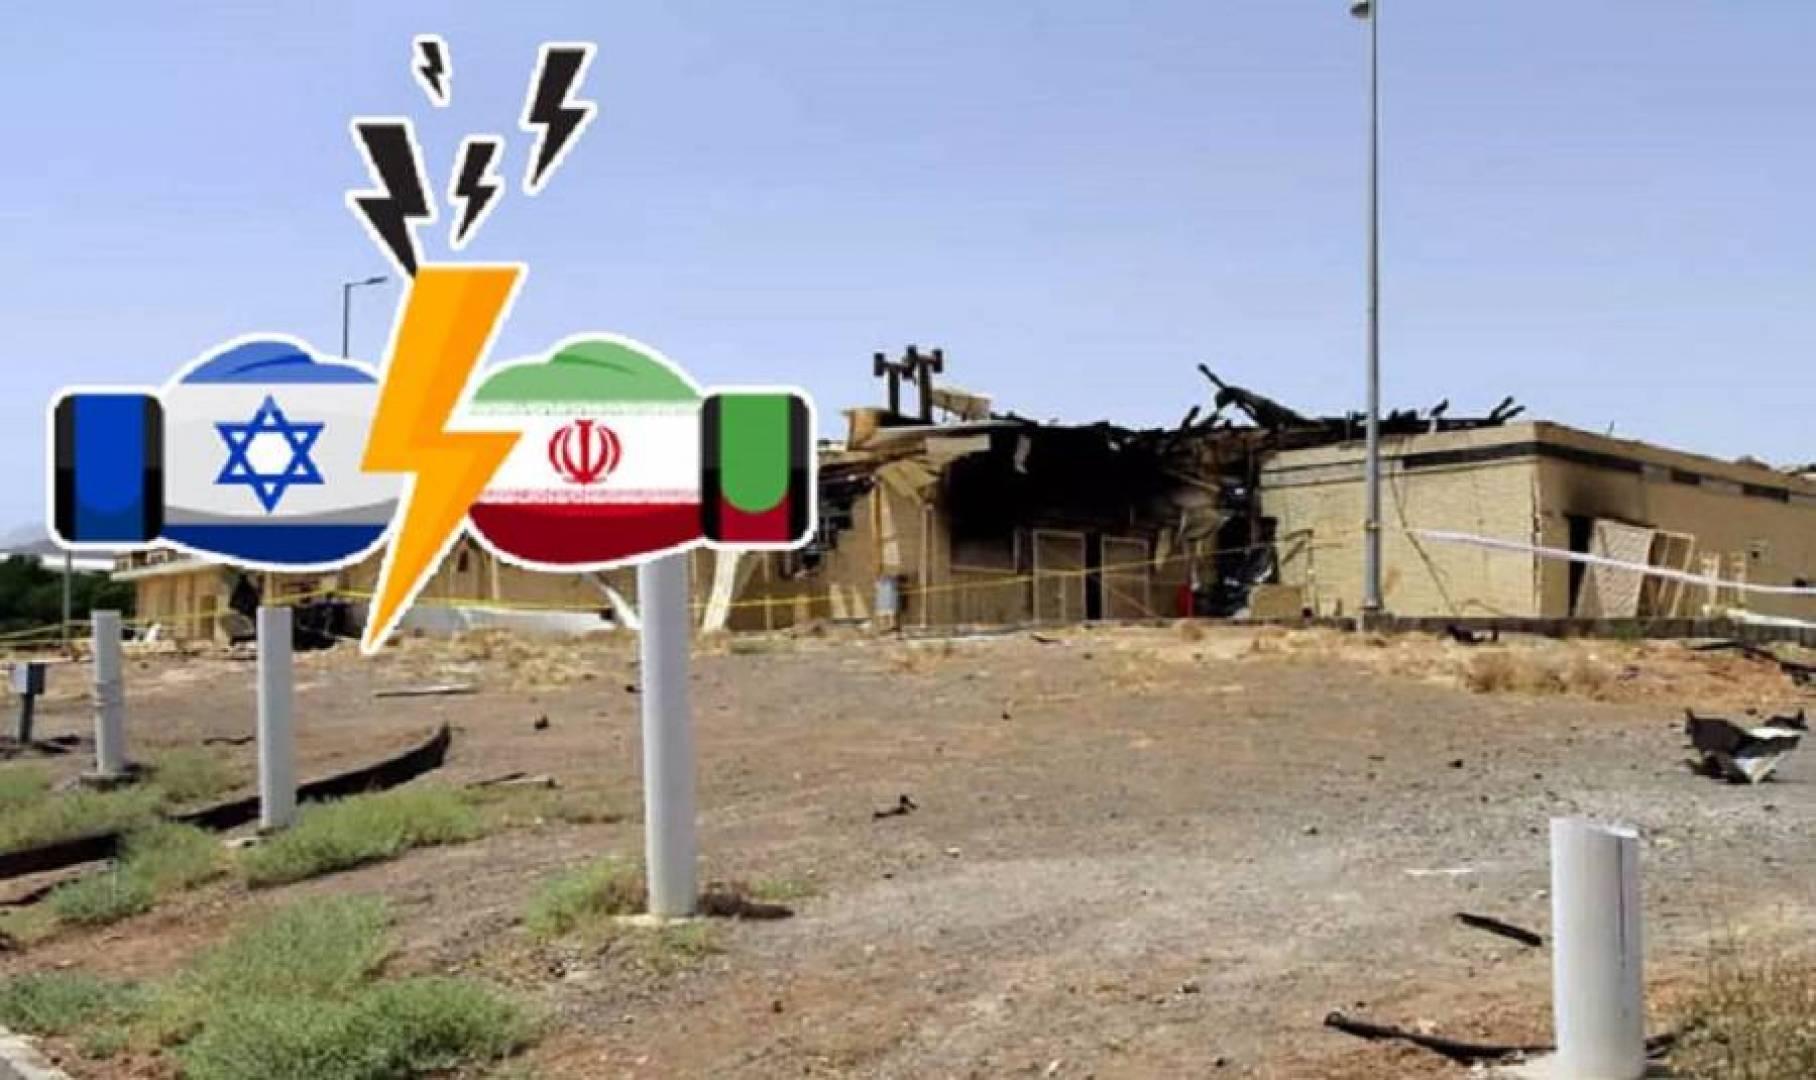 حادث مجمع نطنز النووي في إيران.. هل كان حادثاً أم عملاً تخريبياً قامت به إسرائيل؟